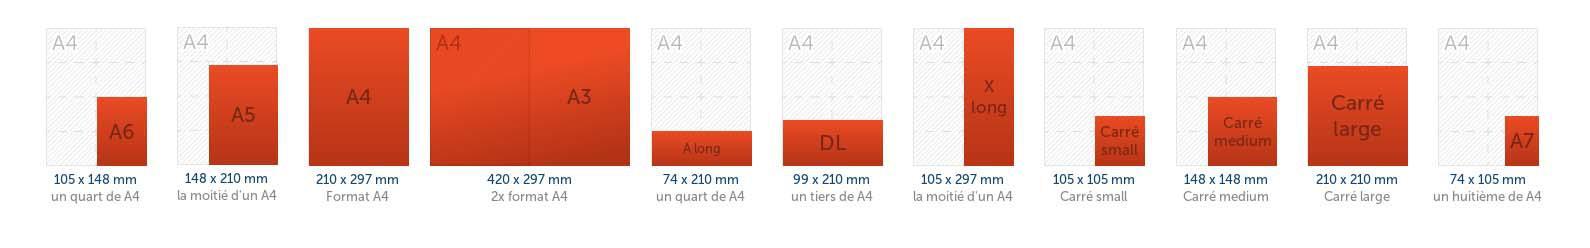 1 Choisissez Parmi 11 Formats Disponible Et Imprimer En Recto Seul Ou Verso